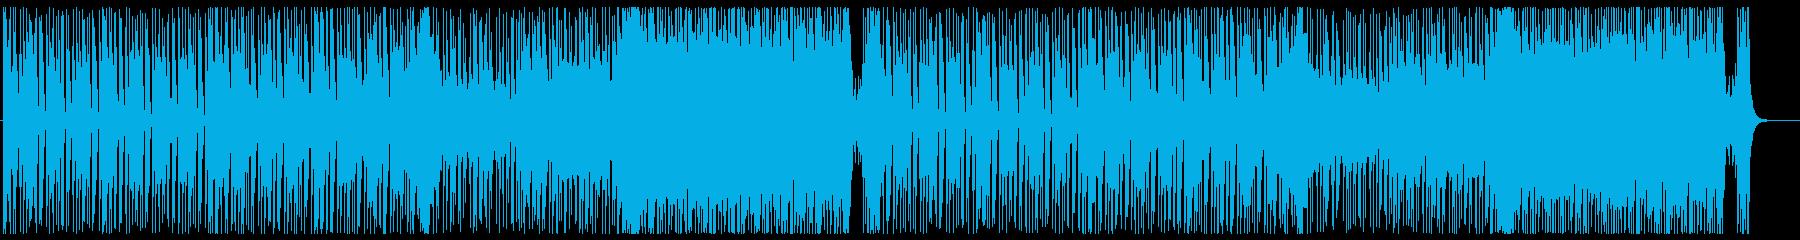 スケール感のあるバトル系エピックロックの再生済みの波形